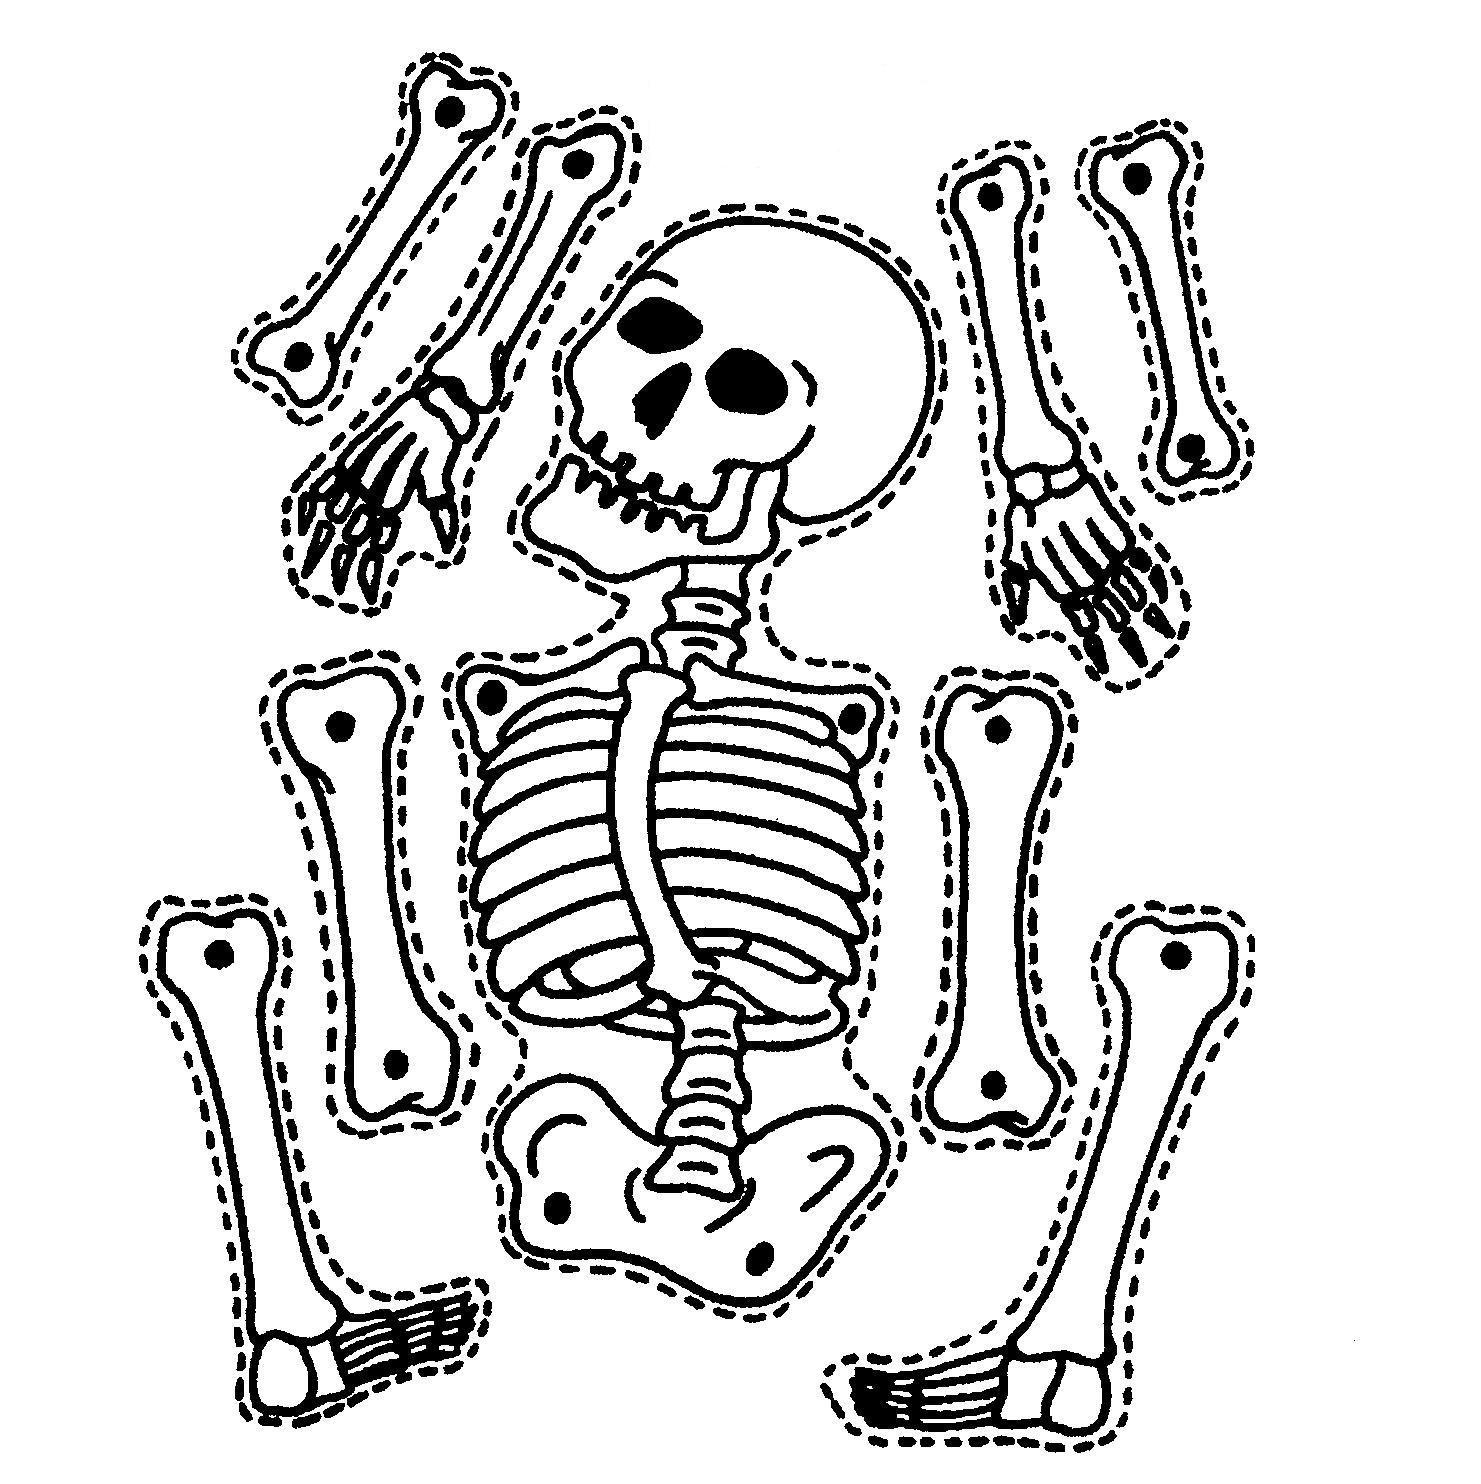 1481x1484 9 Printable Skeleton Crafts Skeletons Doodles And Digital